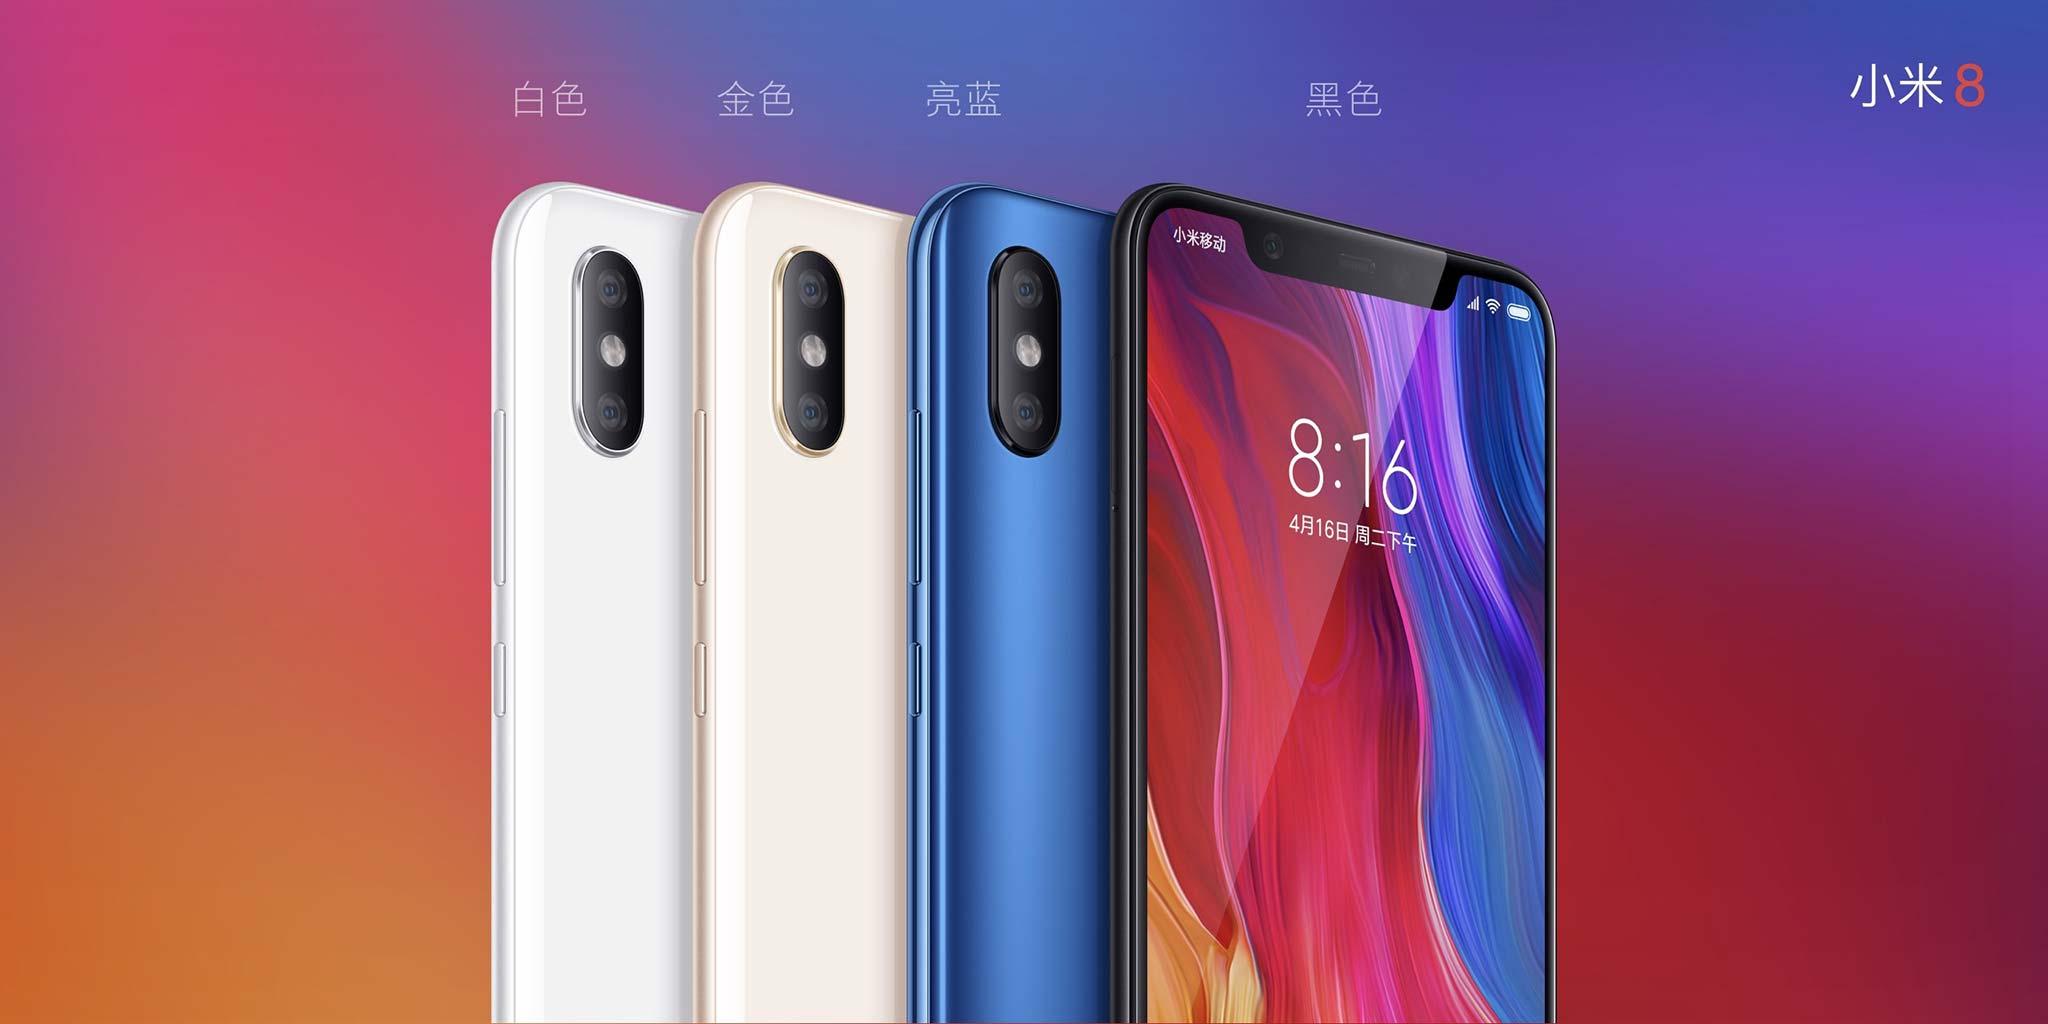 Xiaomi chính thức ra mắt Mi 8/ EE/ SE: Face ID, màn hình tai thỏ, cảm biến vân tay dưới màn hình hình 2